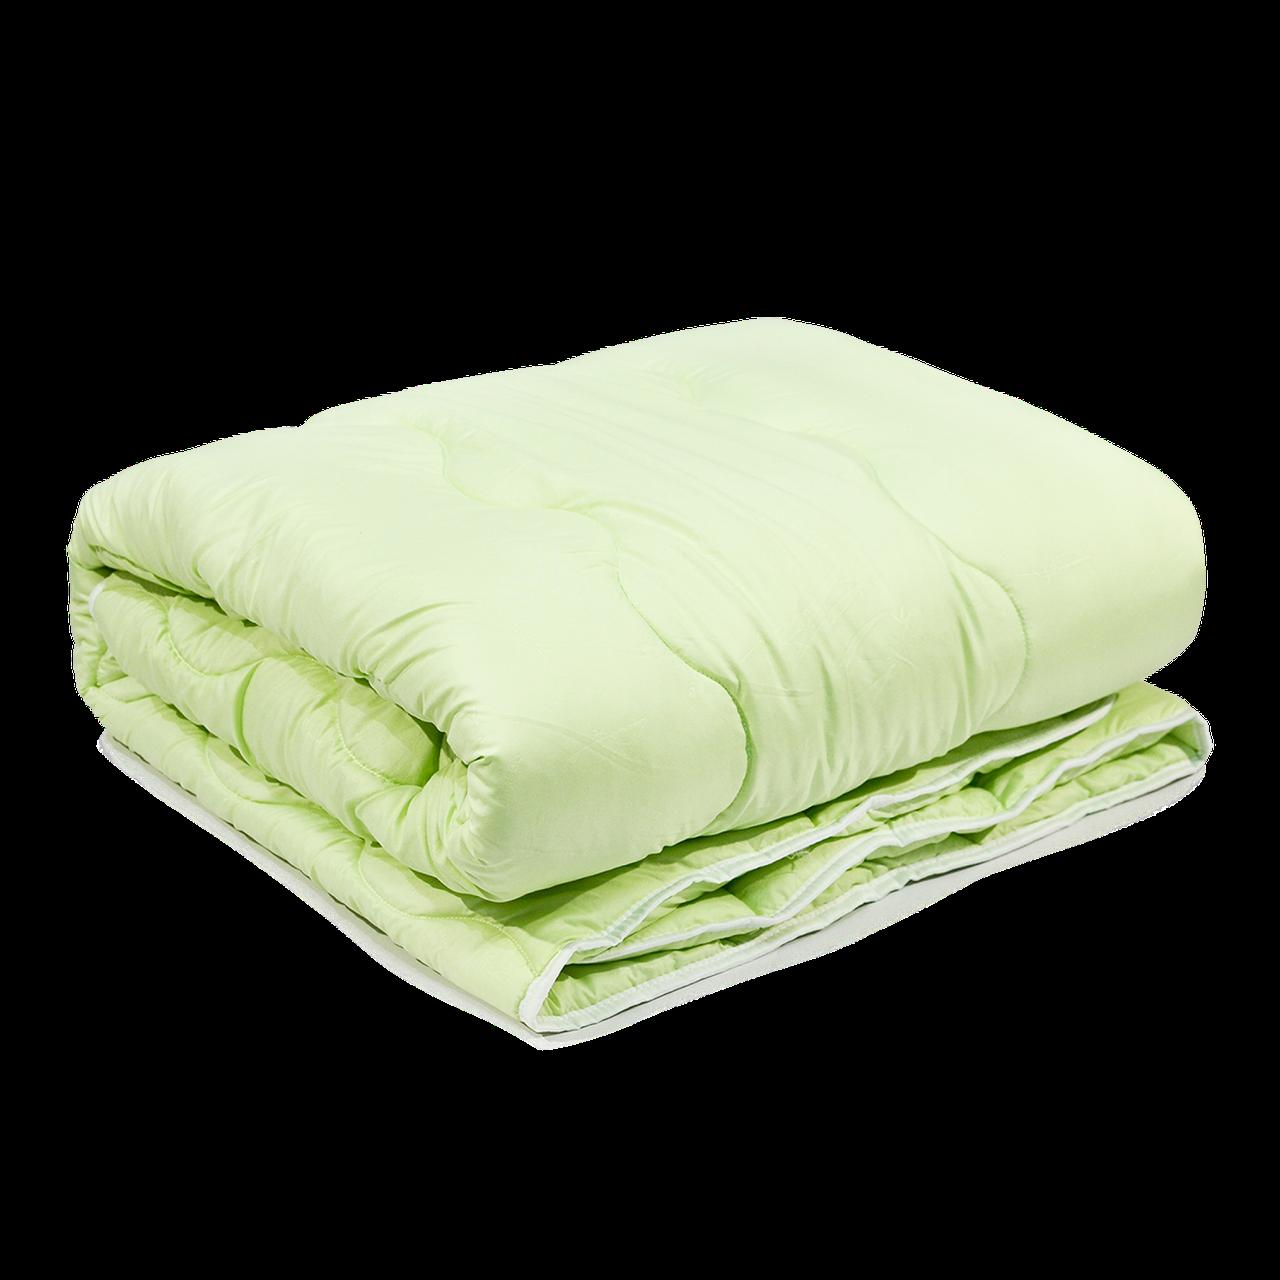 Одеяло Вилюта бамбуковое в микрофибре 140*205 полуторное (300)